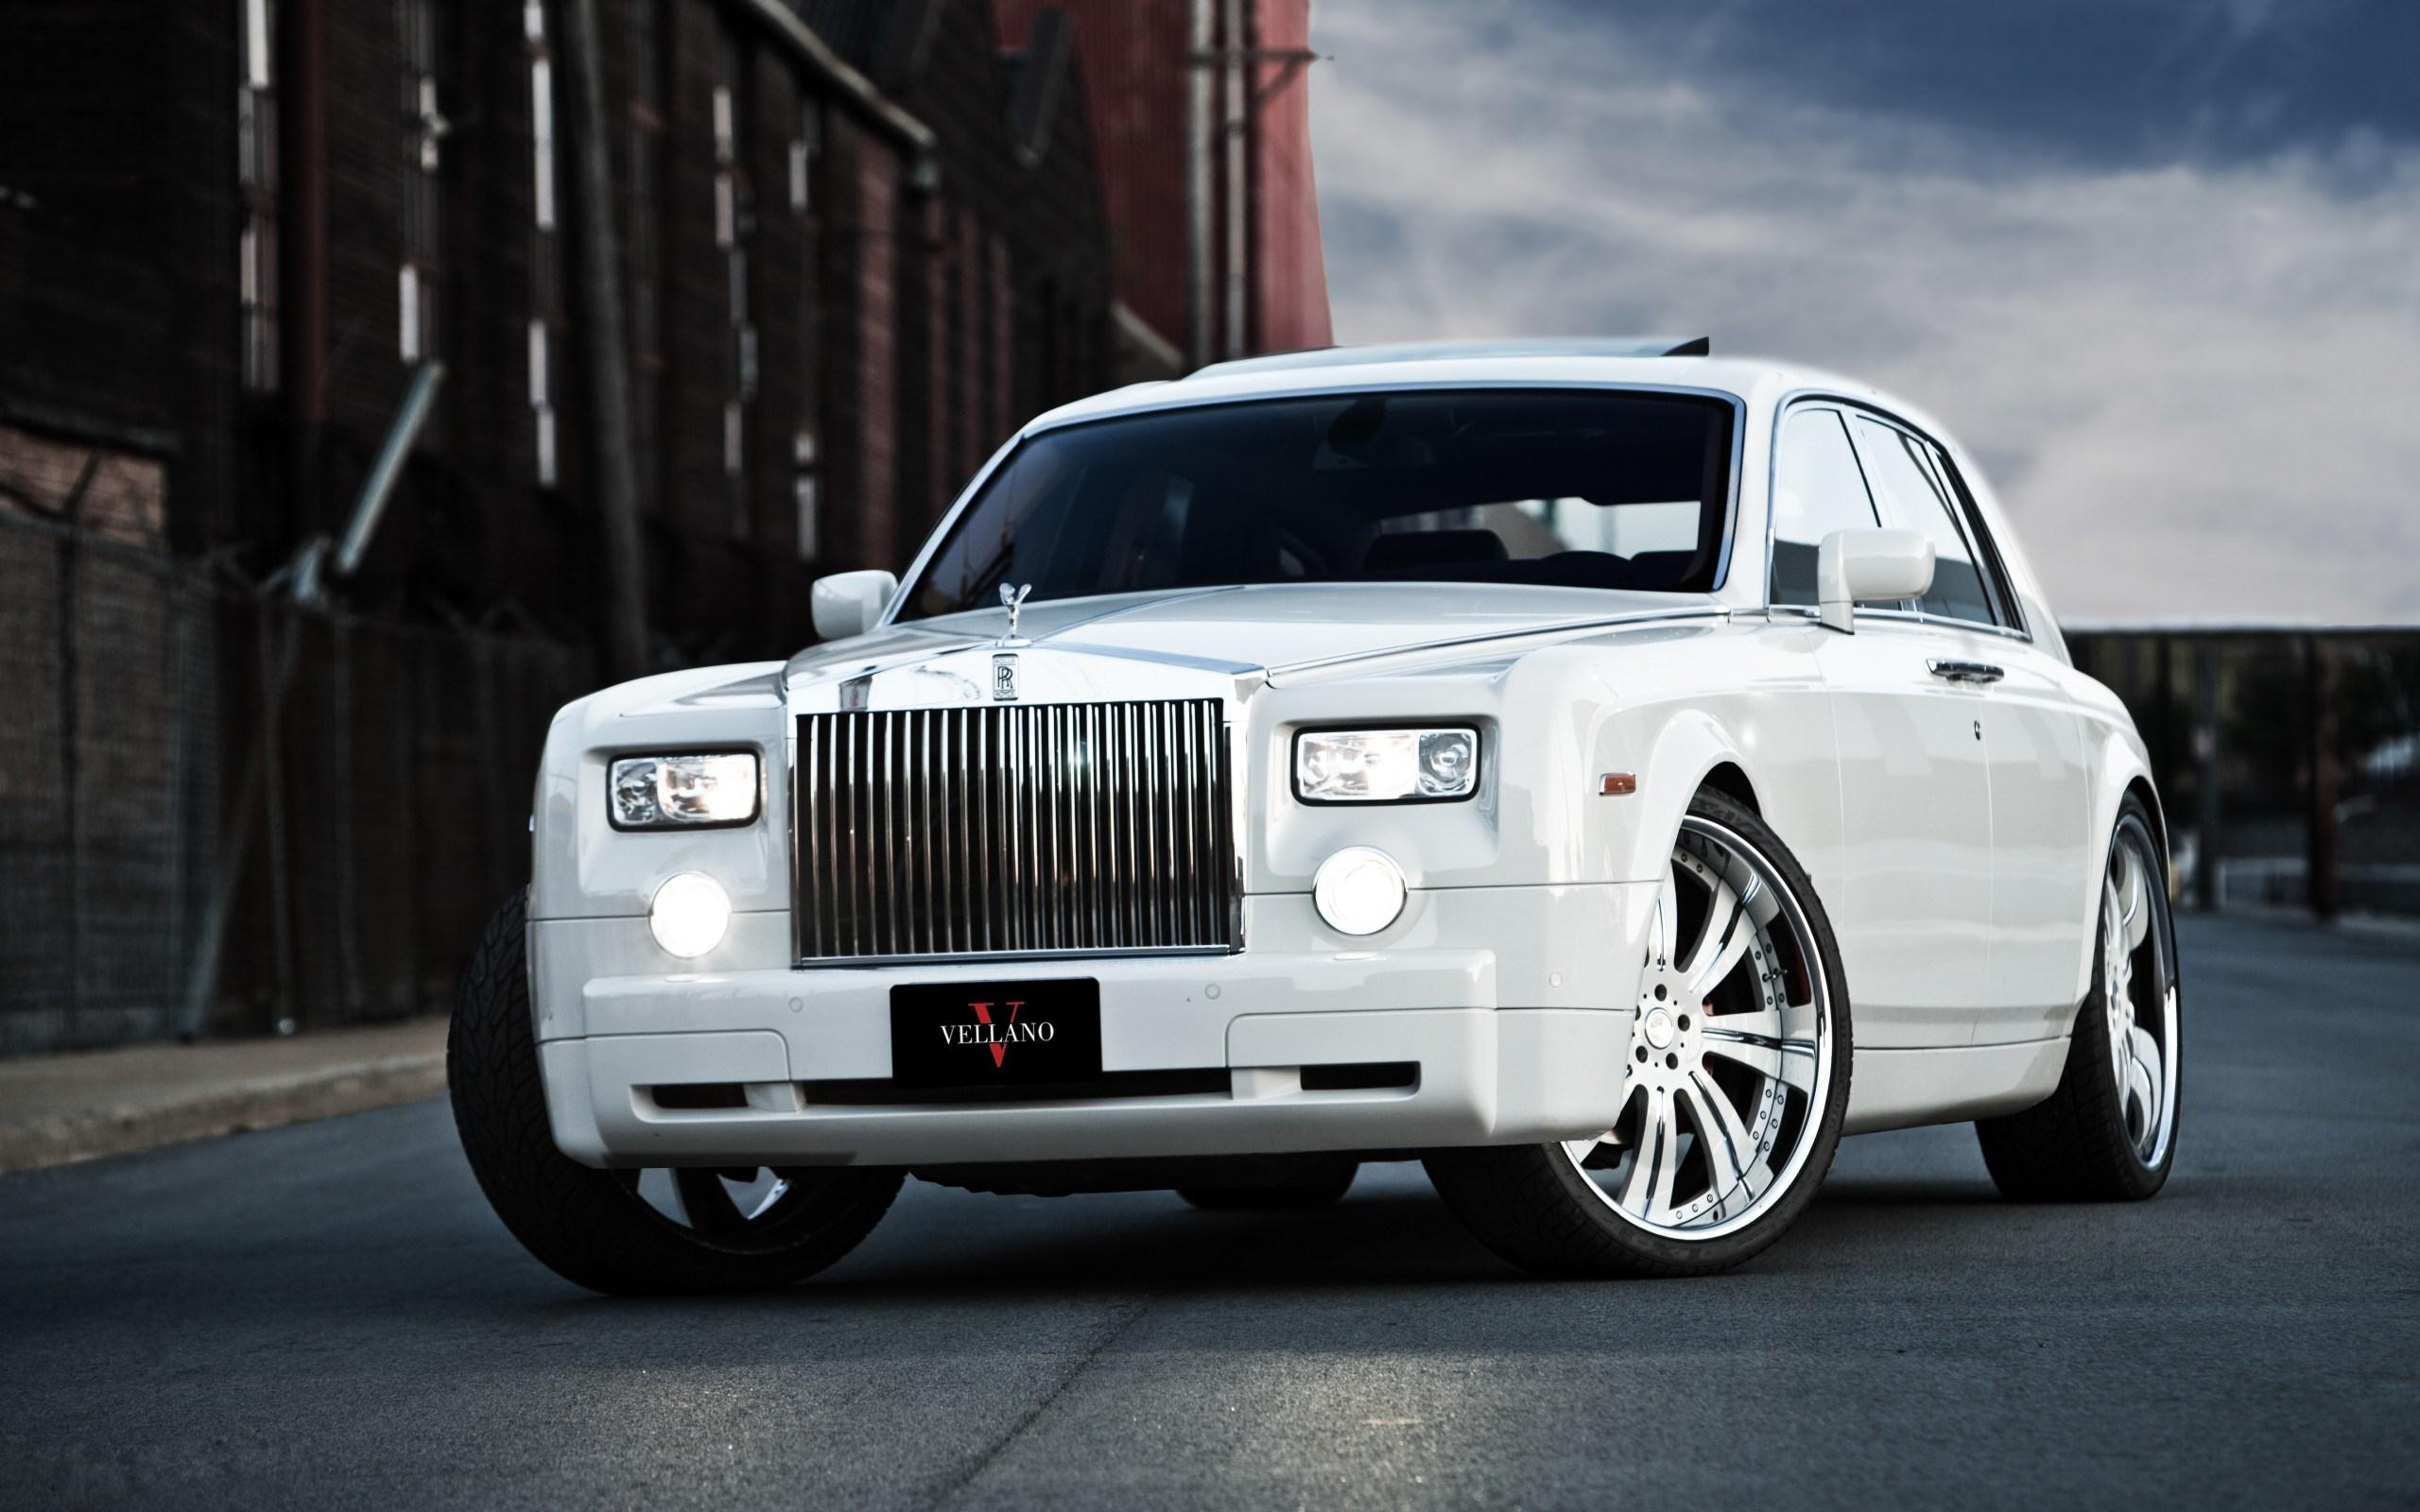 Cool Rolls Royce Wallpaper